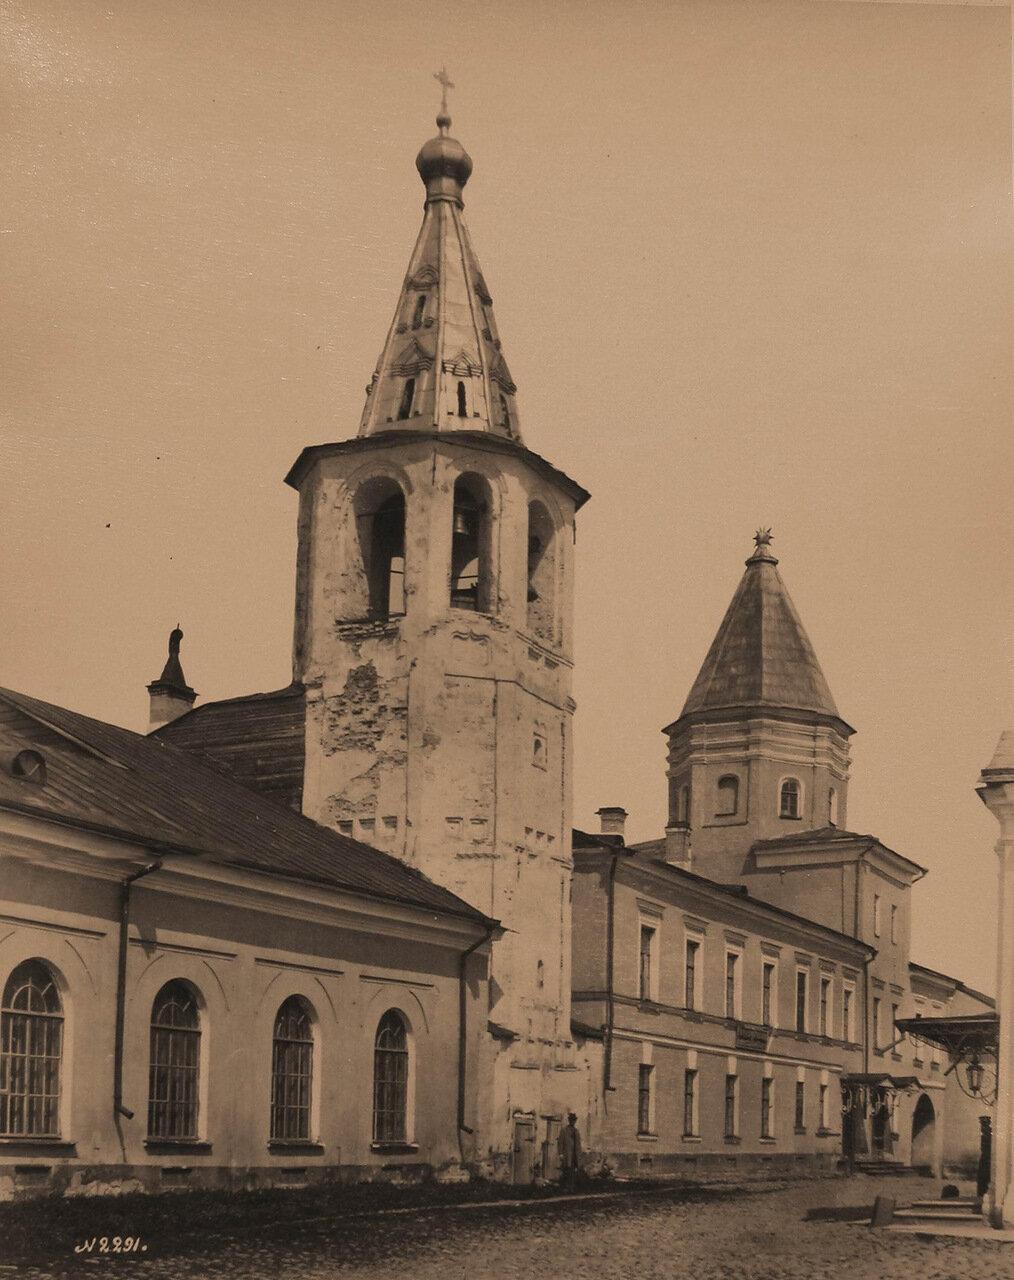 Вид на колокольню Николо-Дворищенского собора и Воротную башню Гостиного двора (постройка 90-х гг. XVII в.)